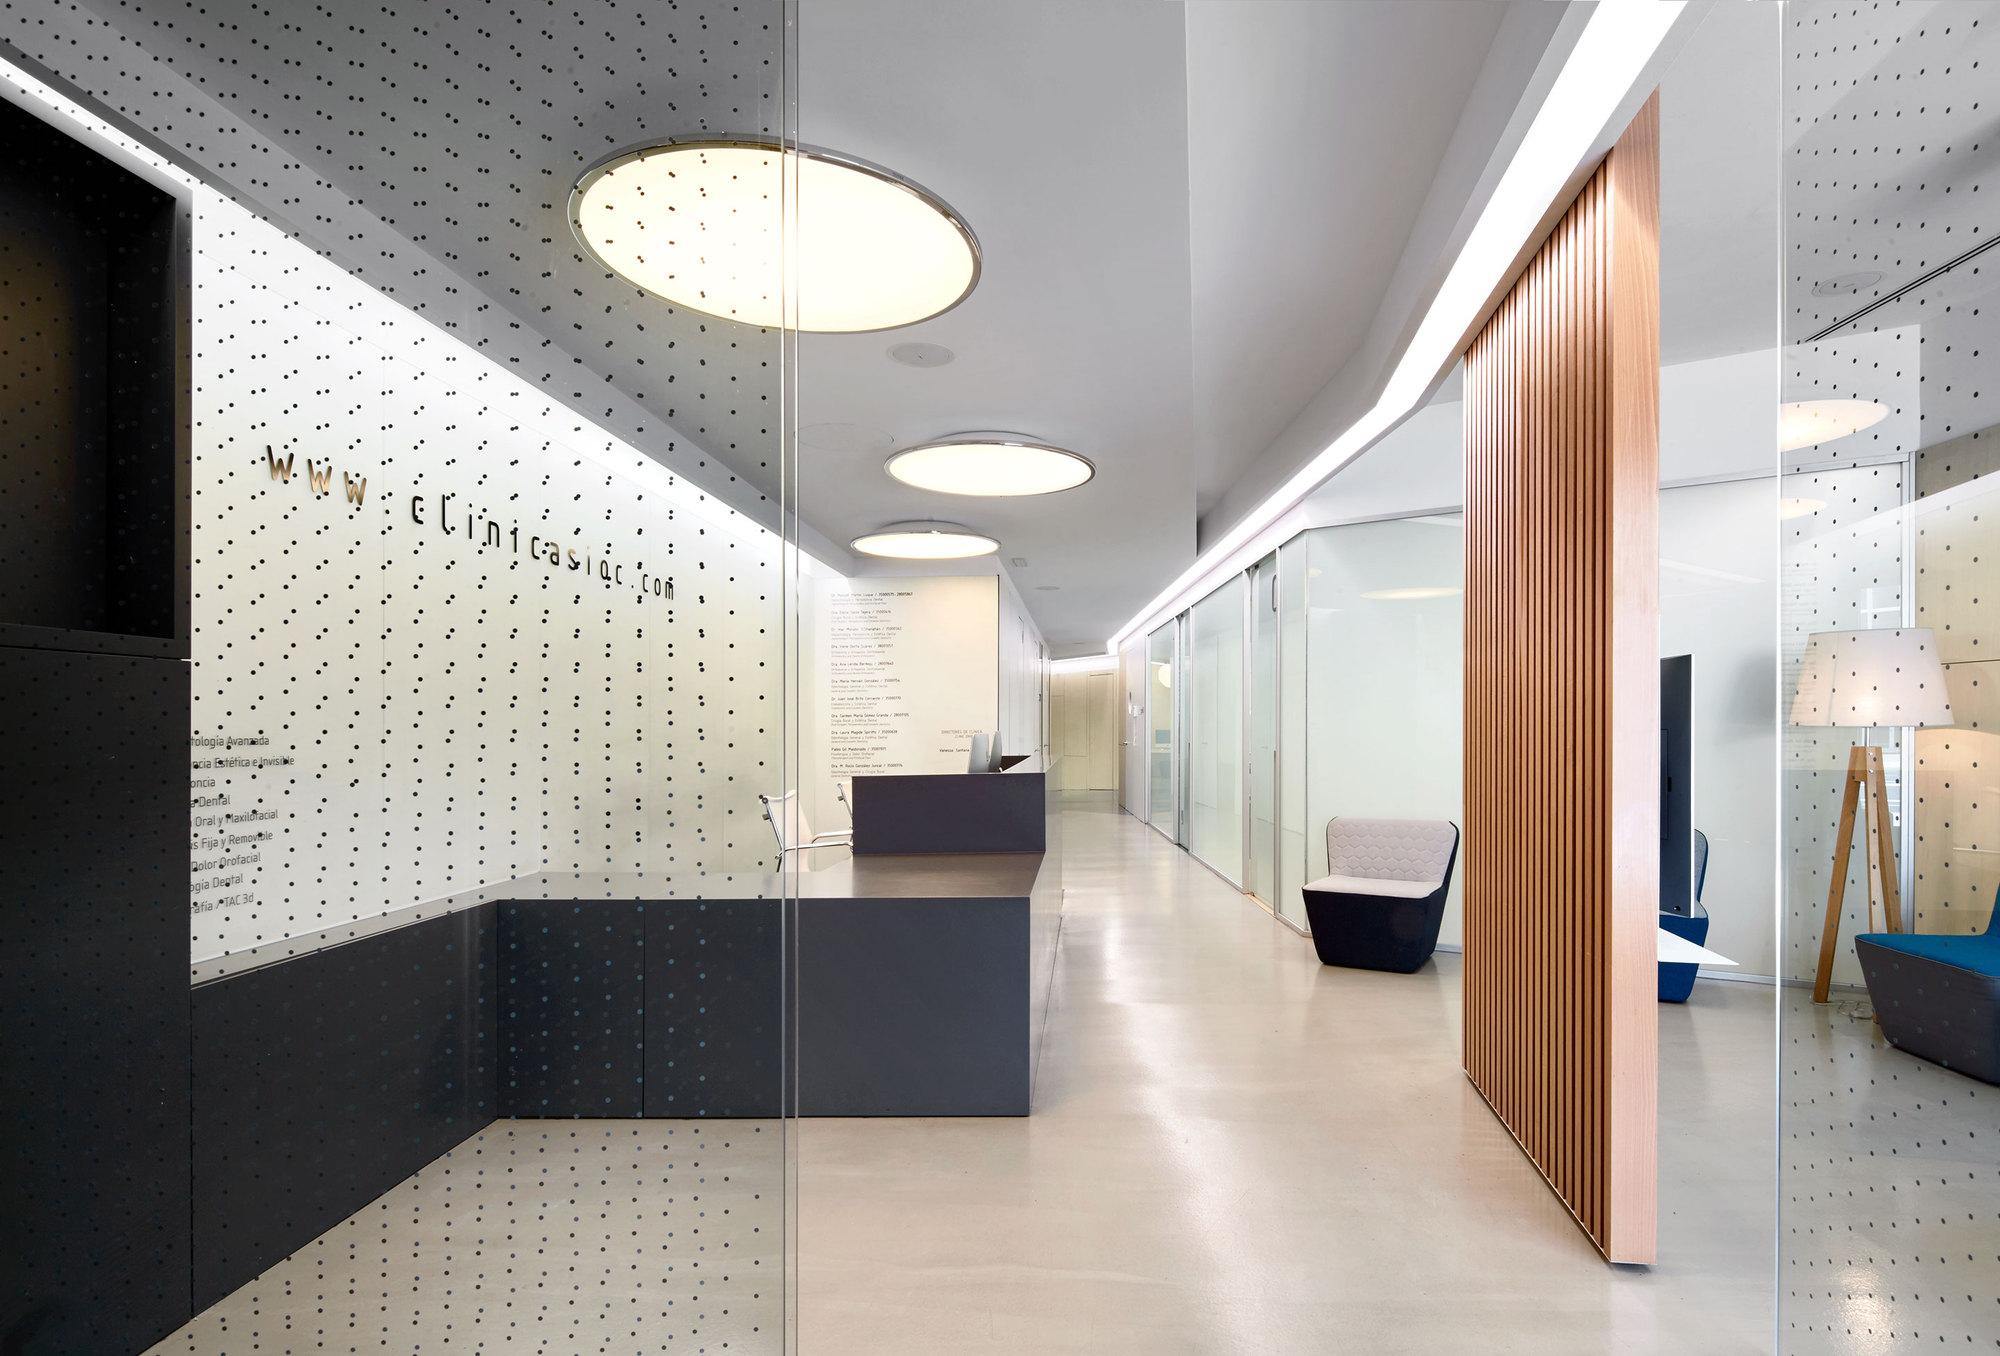 Dental clinic padilla nic s arquitectos archdaily - Planos de clinicas dentales ...